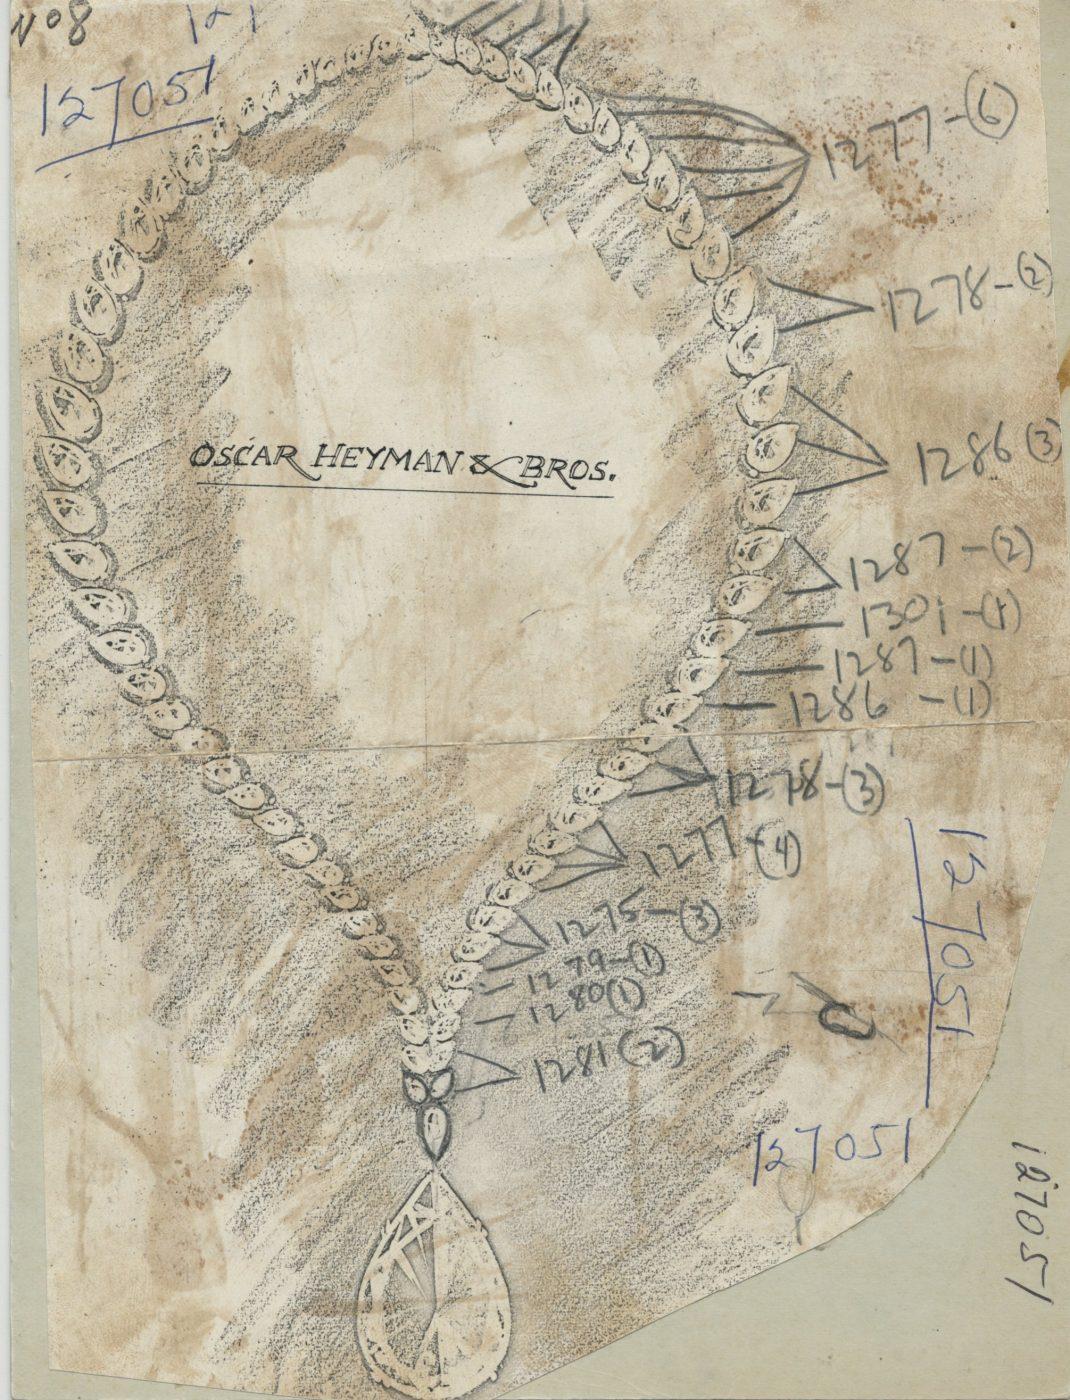 Oscar Heyman sketch of the Taylor-Burton Diamond